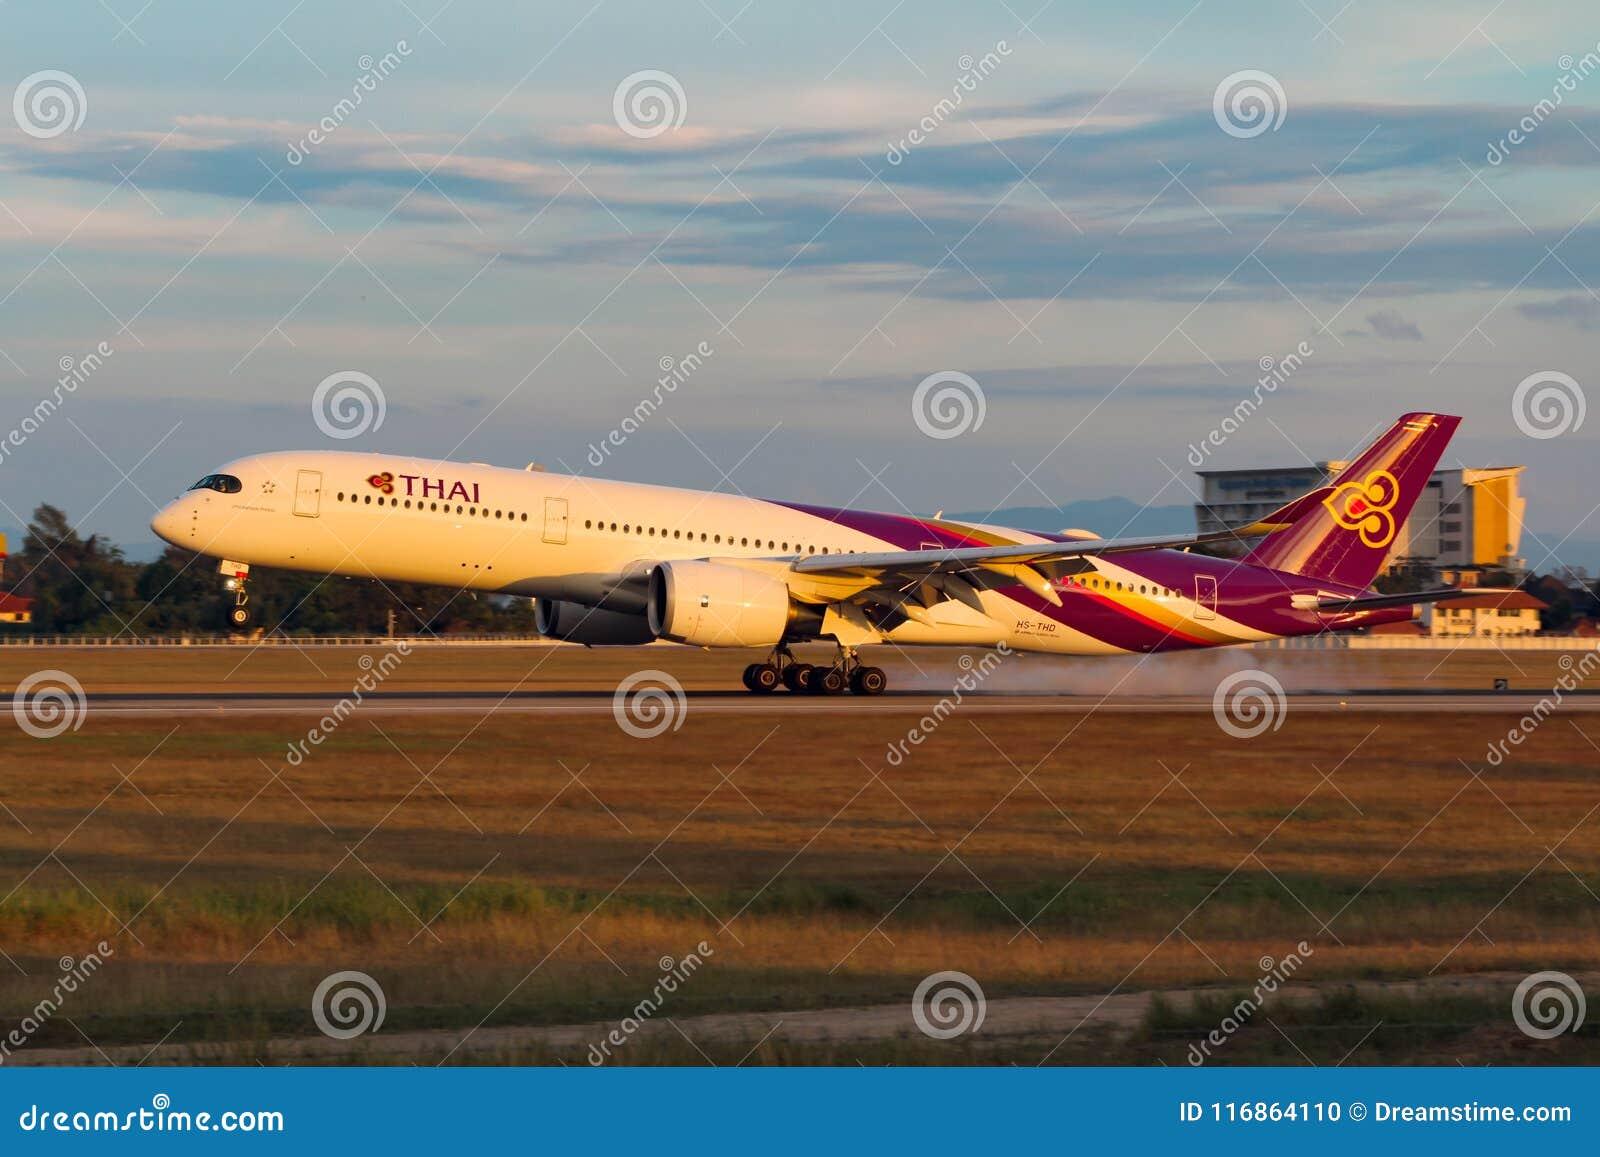 Thai Airways International Airbus A350-941